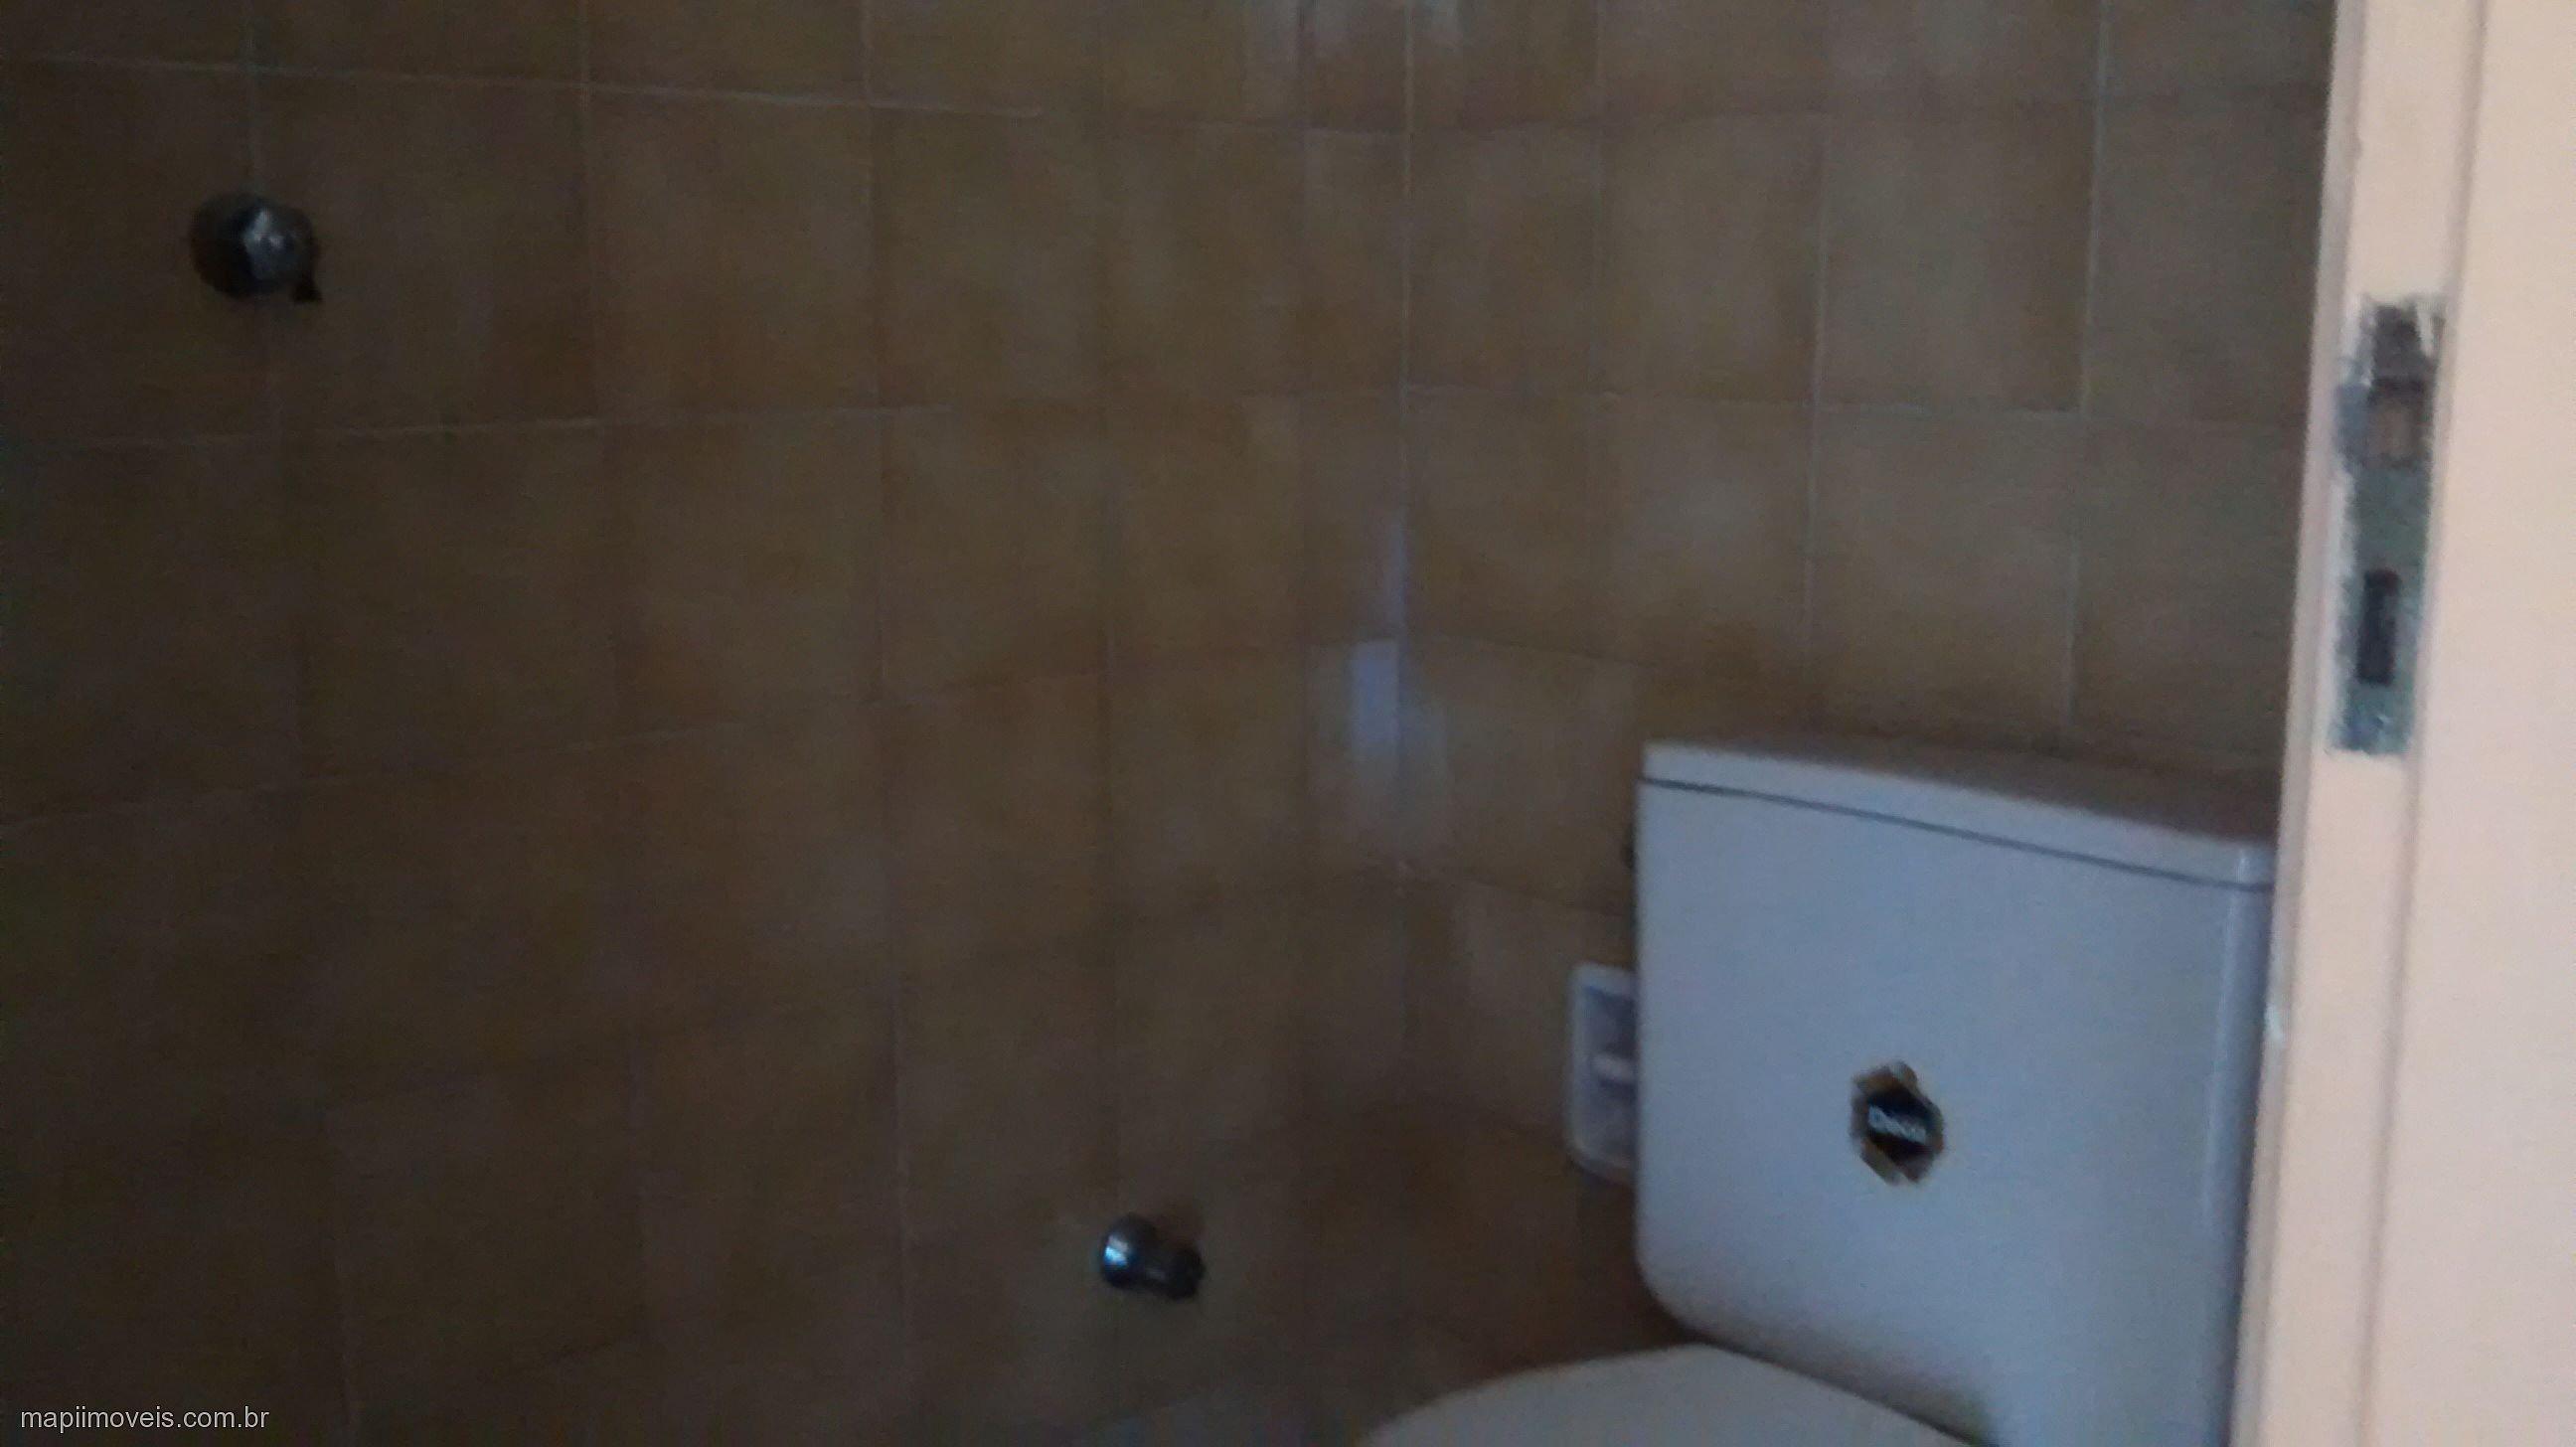 Mapi Imóveis - Apto 2 Dorm, Rio Branco (284762) - Foto 4